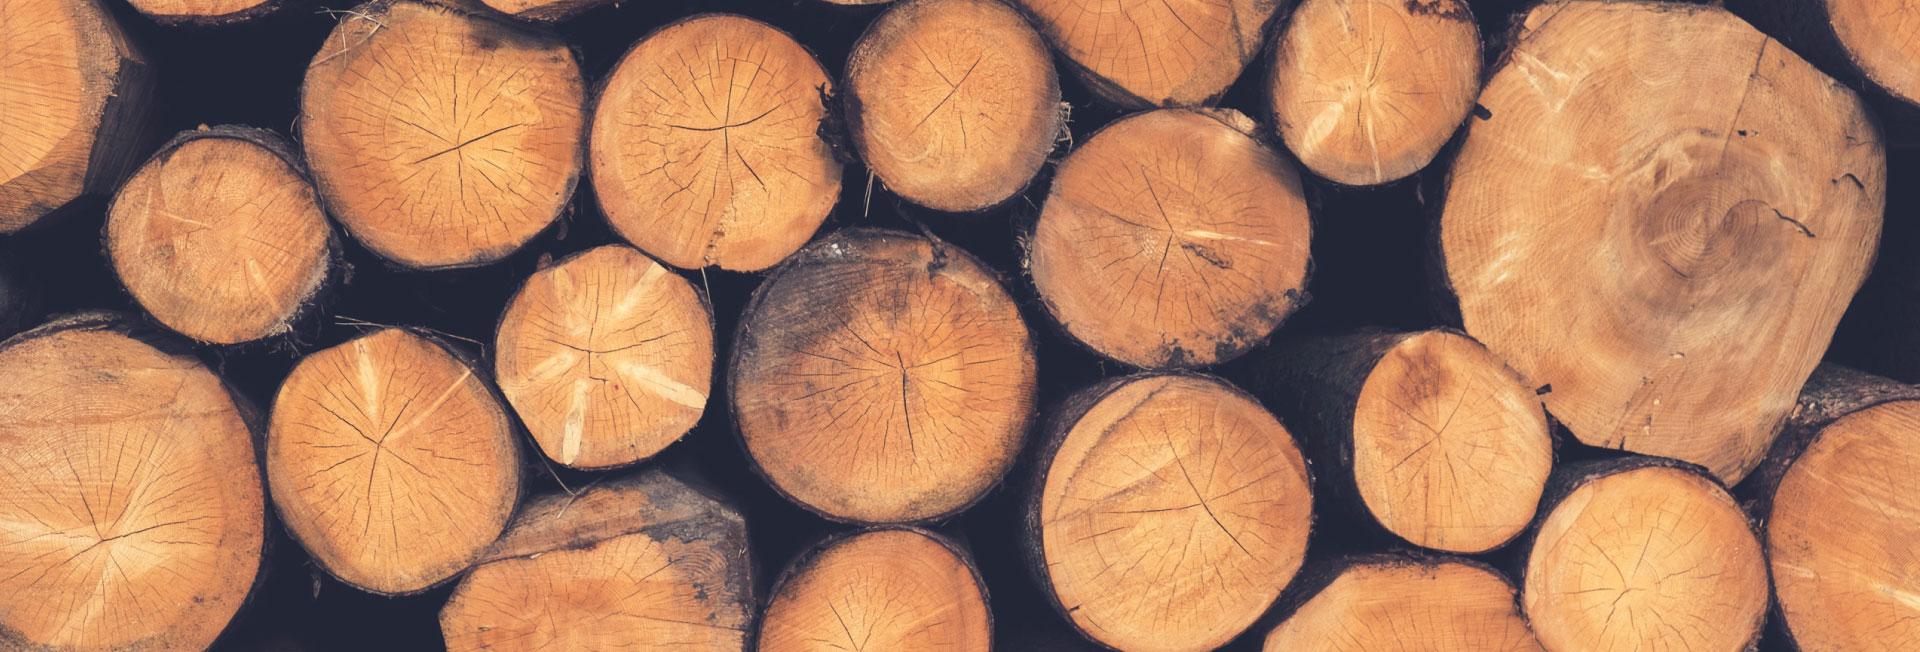 log restoration